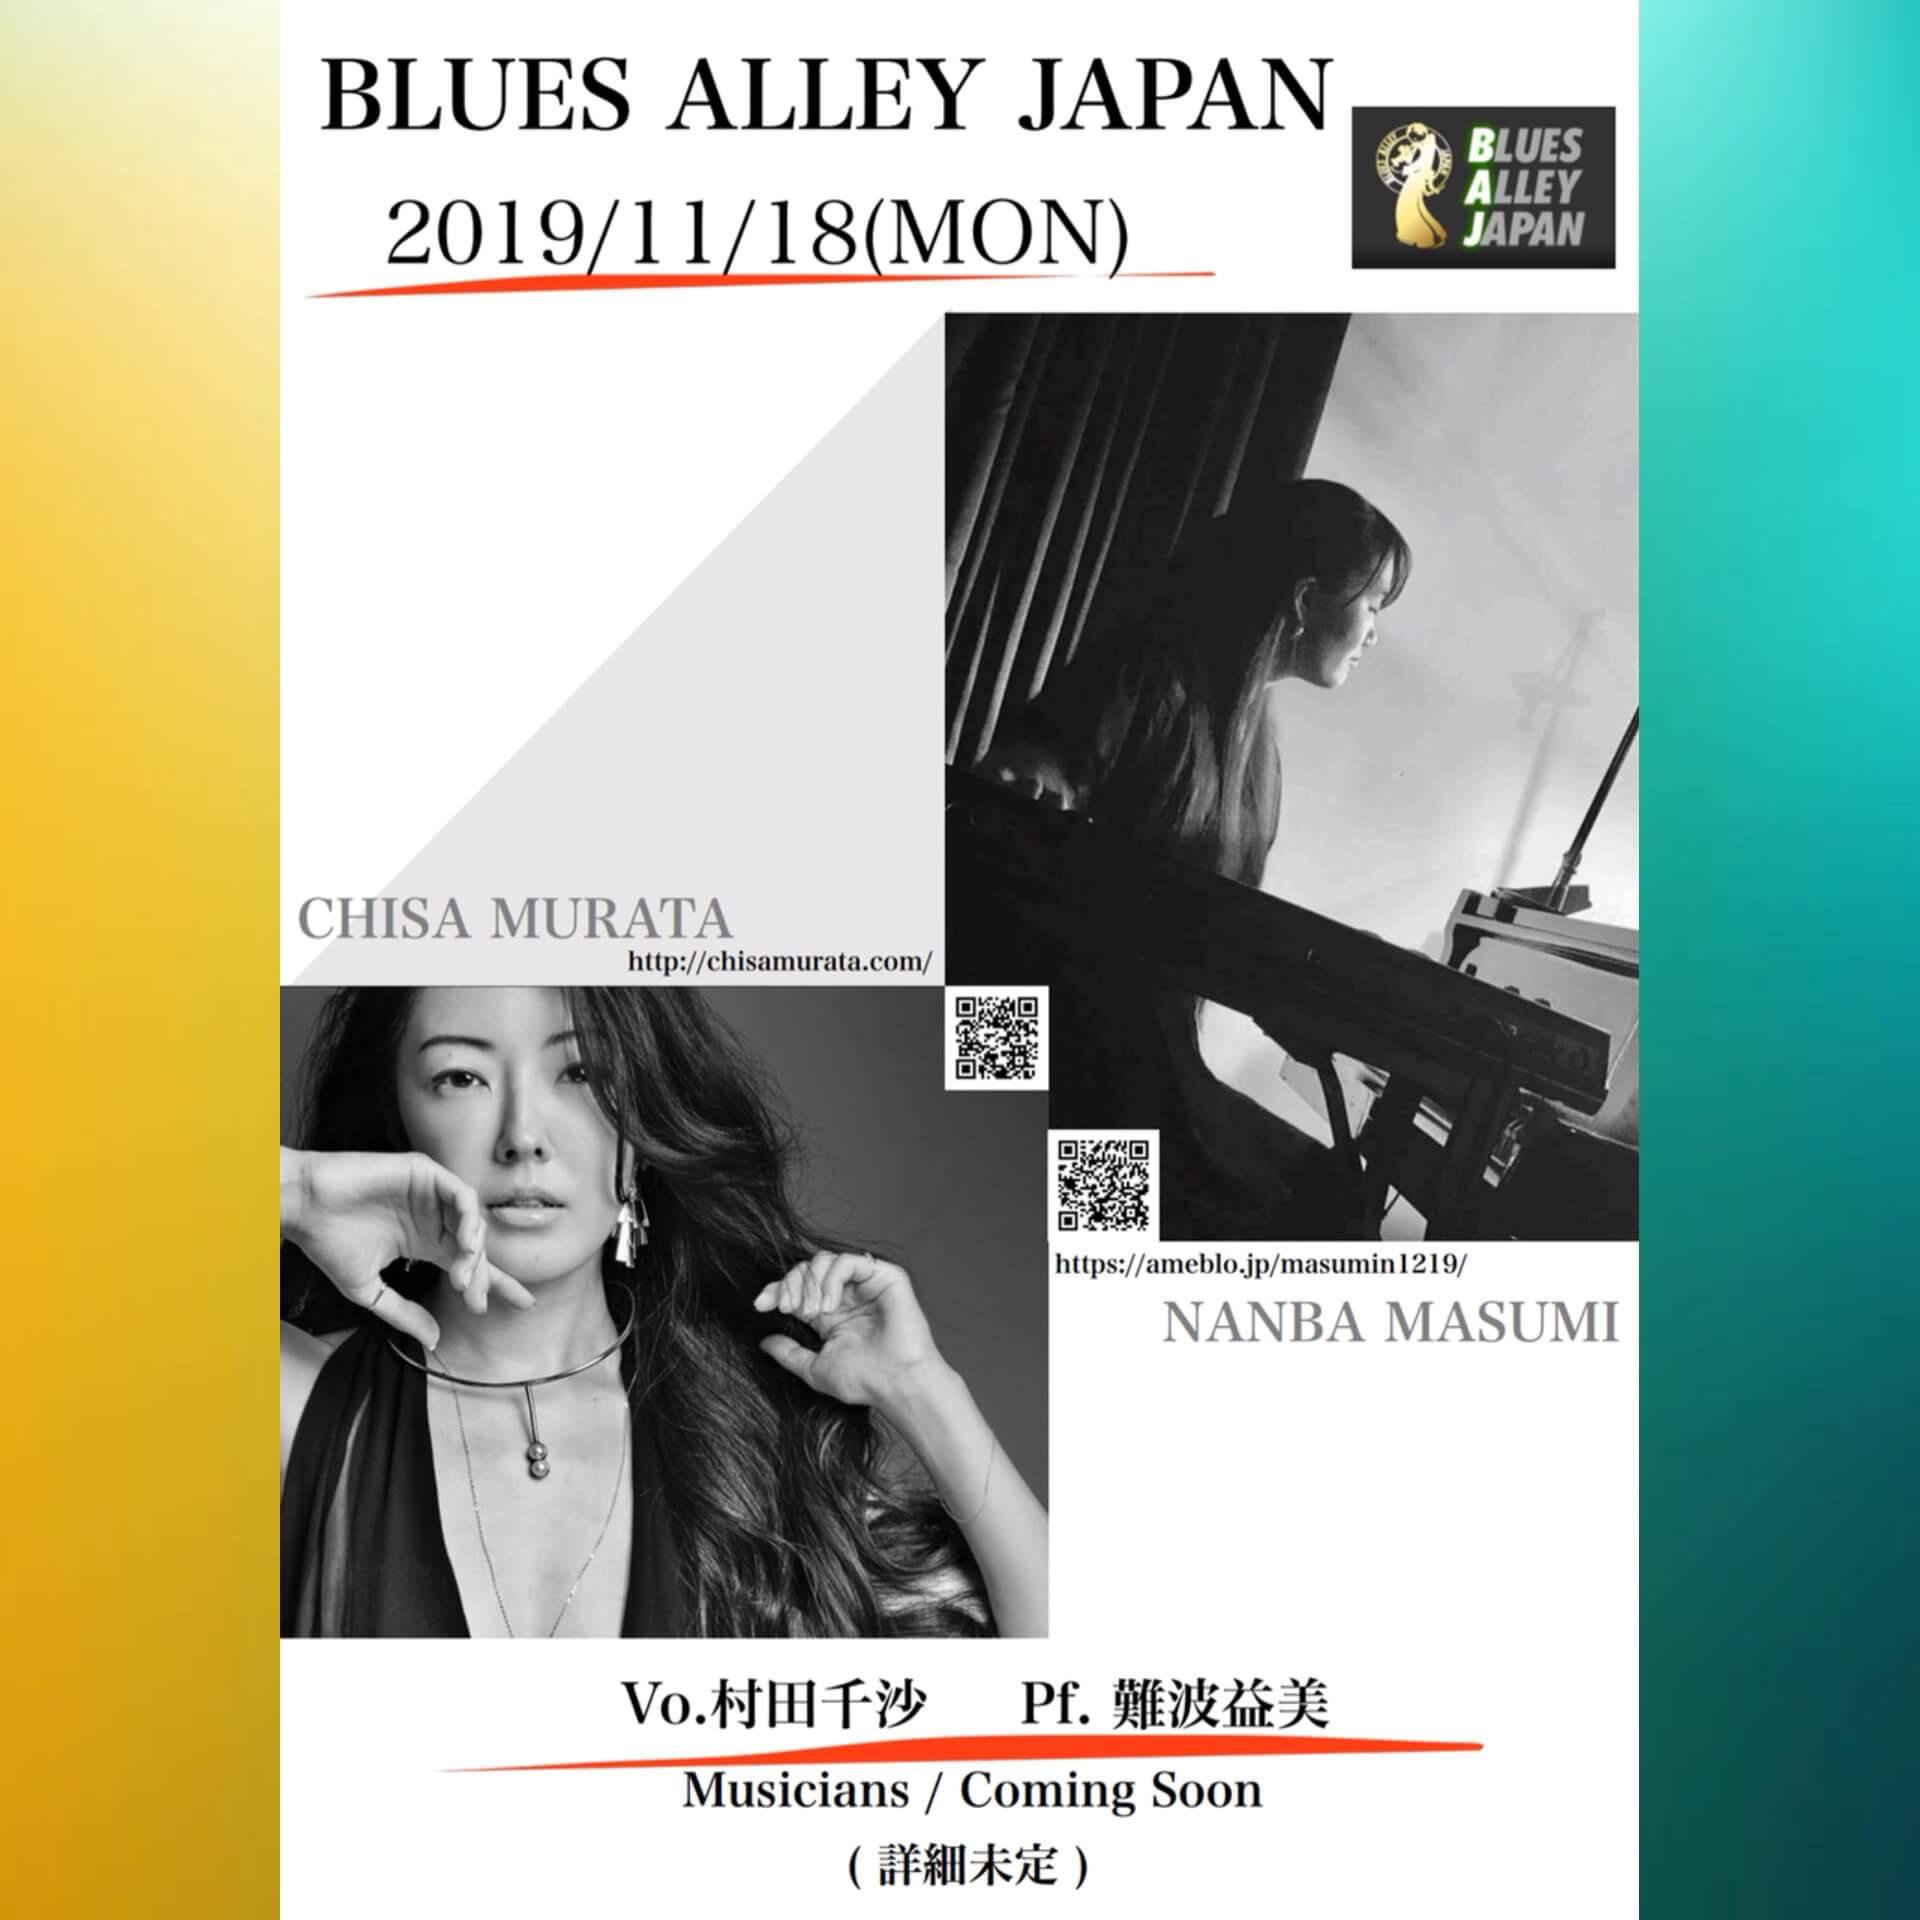 @目黒ブルースアレイジャパン(BLUES ALLEY JAPAN)お知らせ